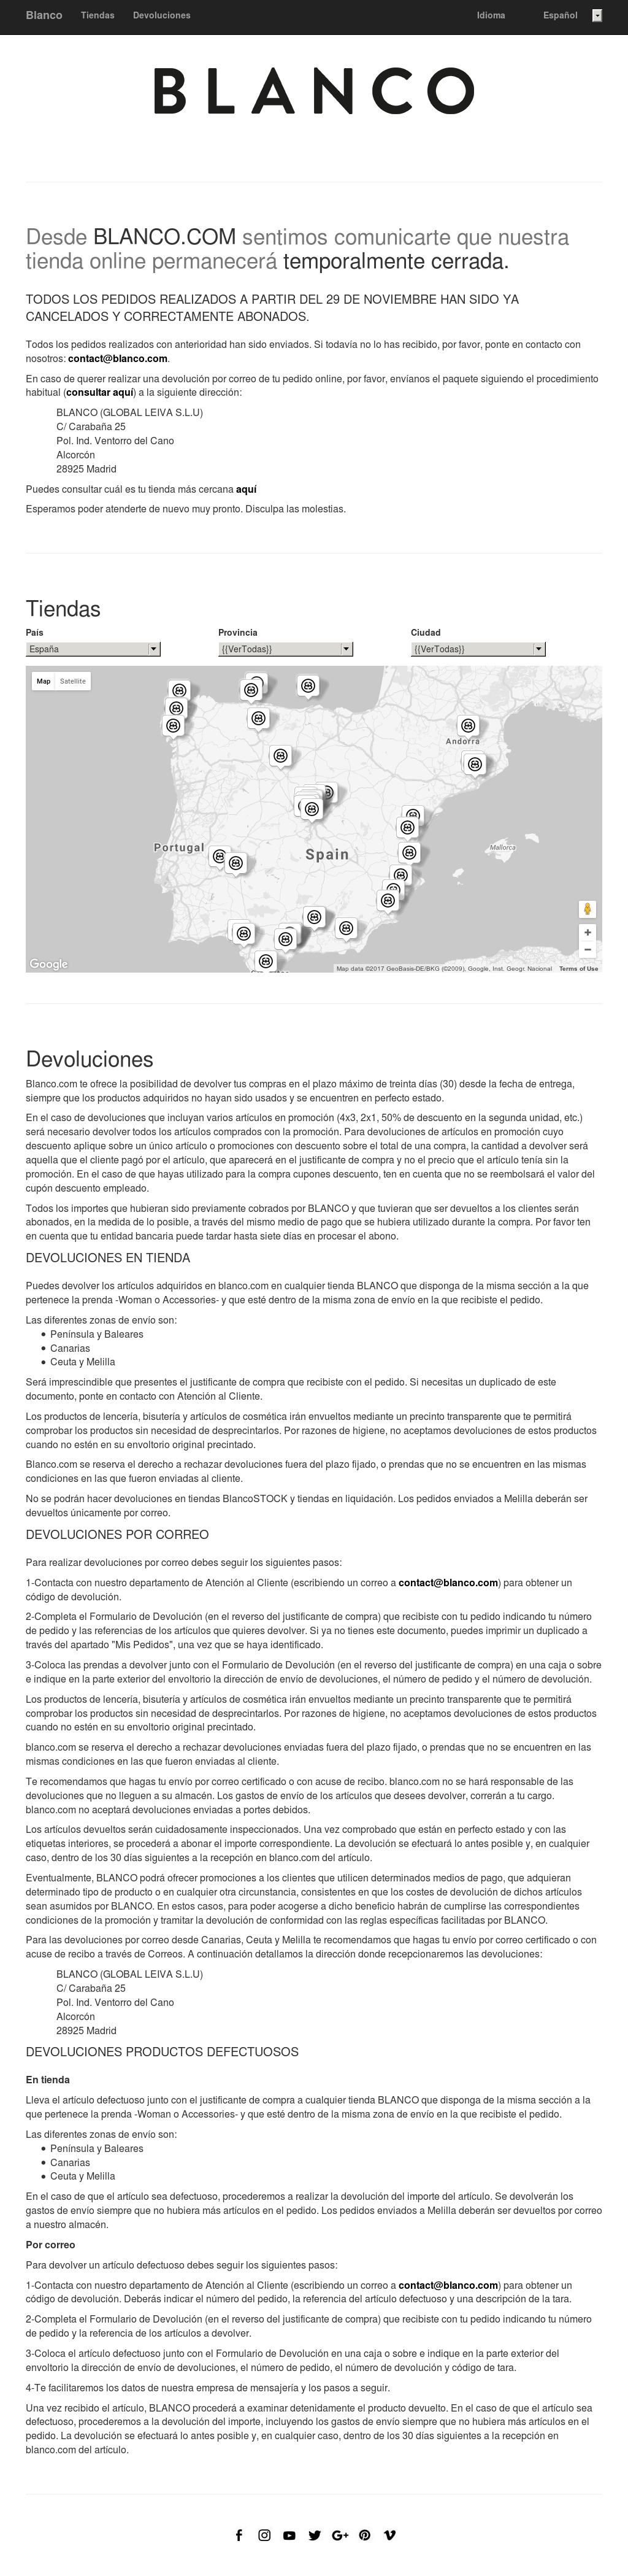 Dorable Formulario En Blanco Para Reanudar Motivo - Ejemplo De ...